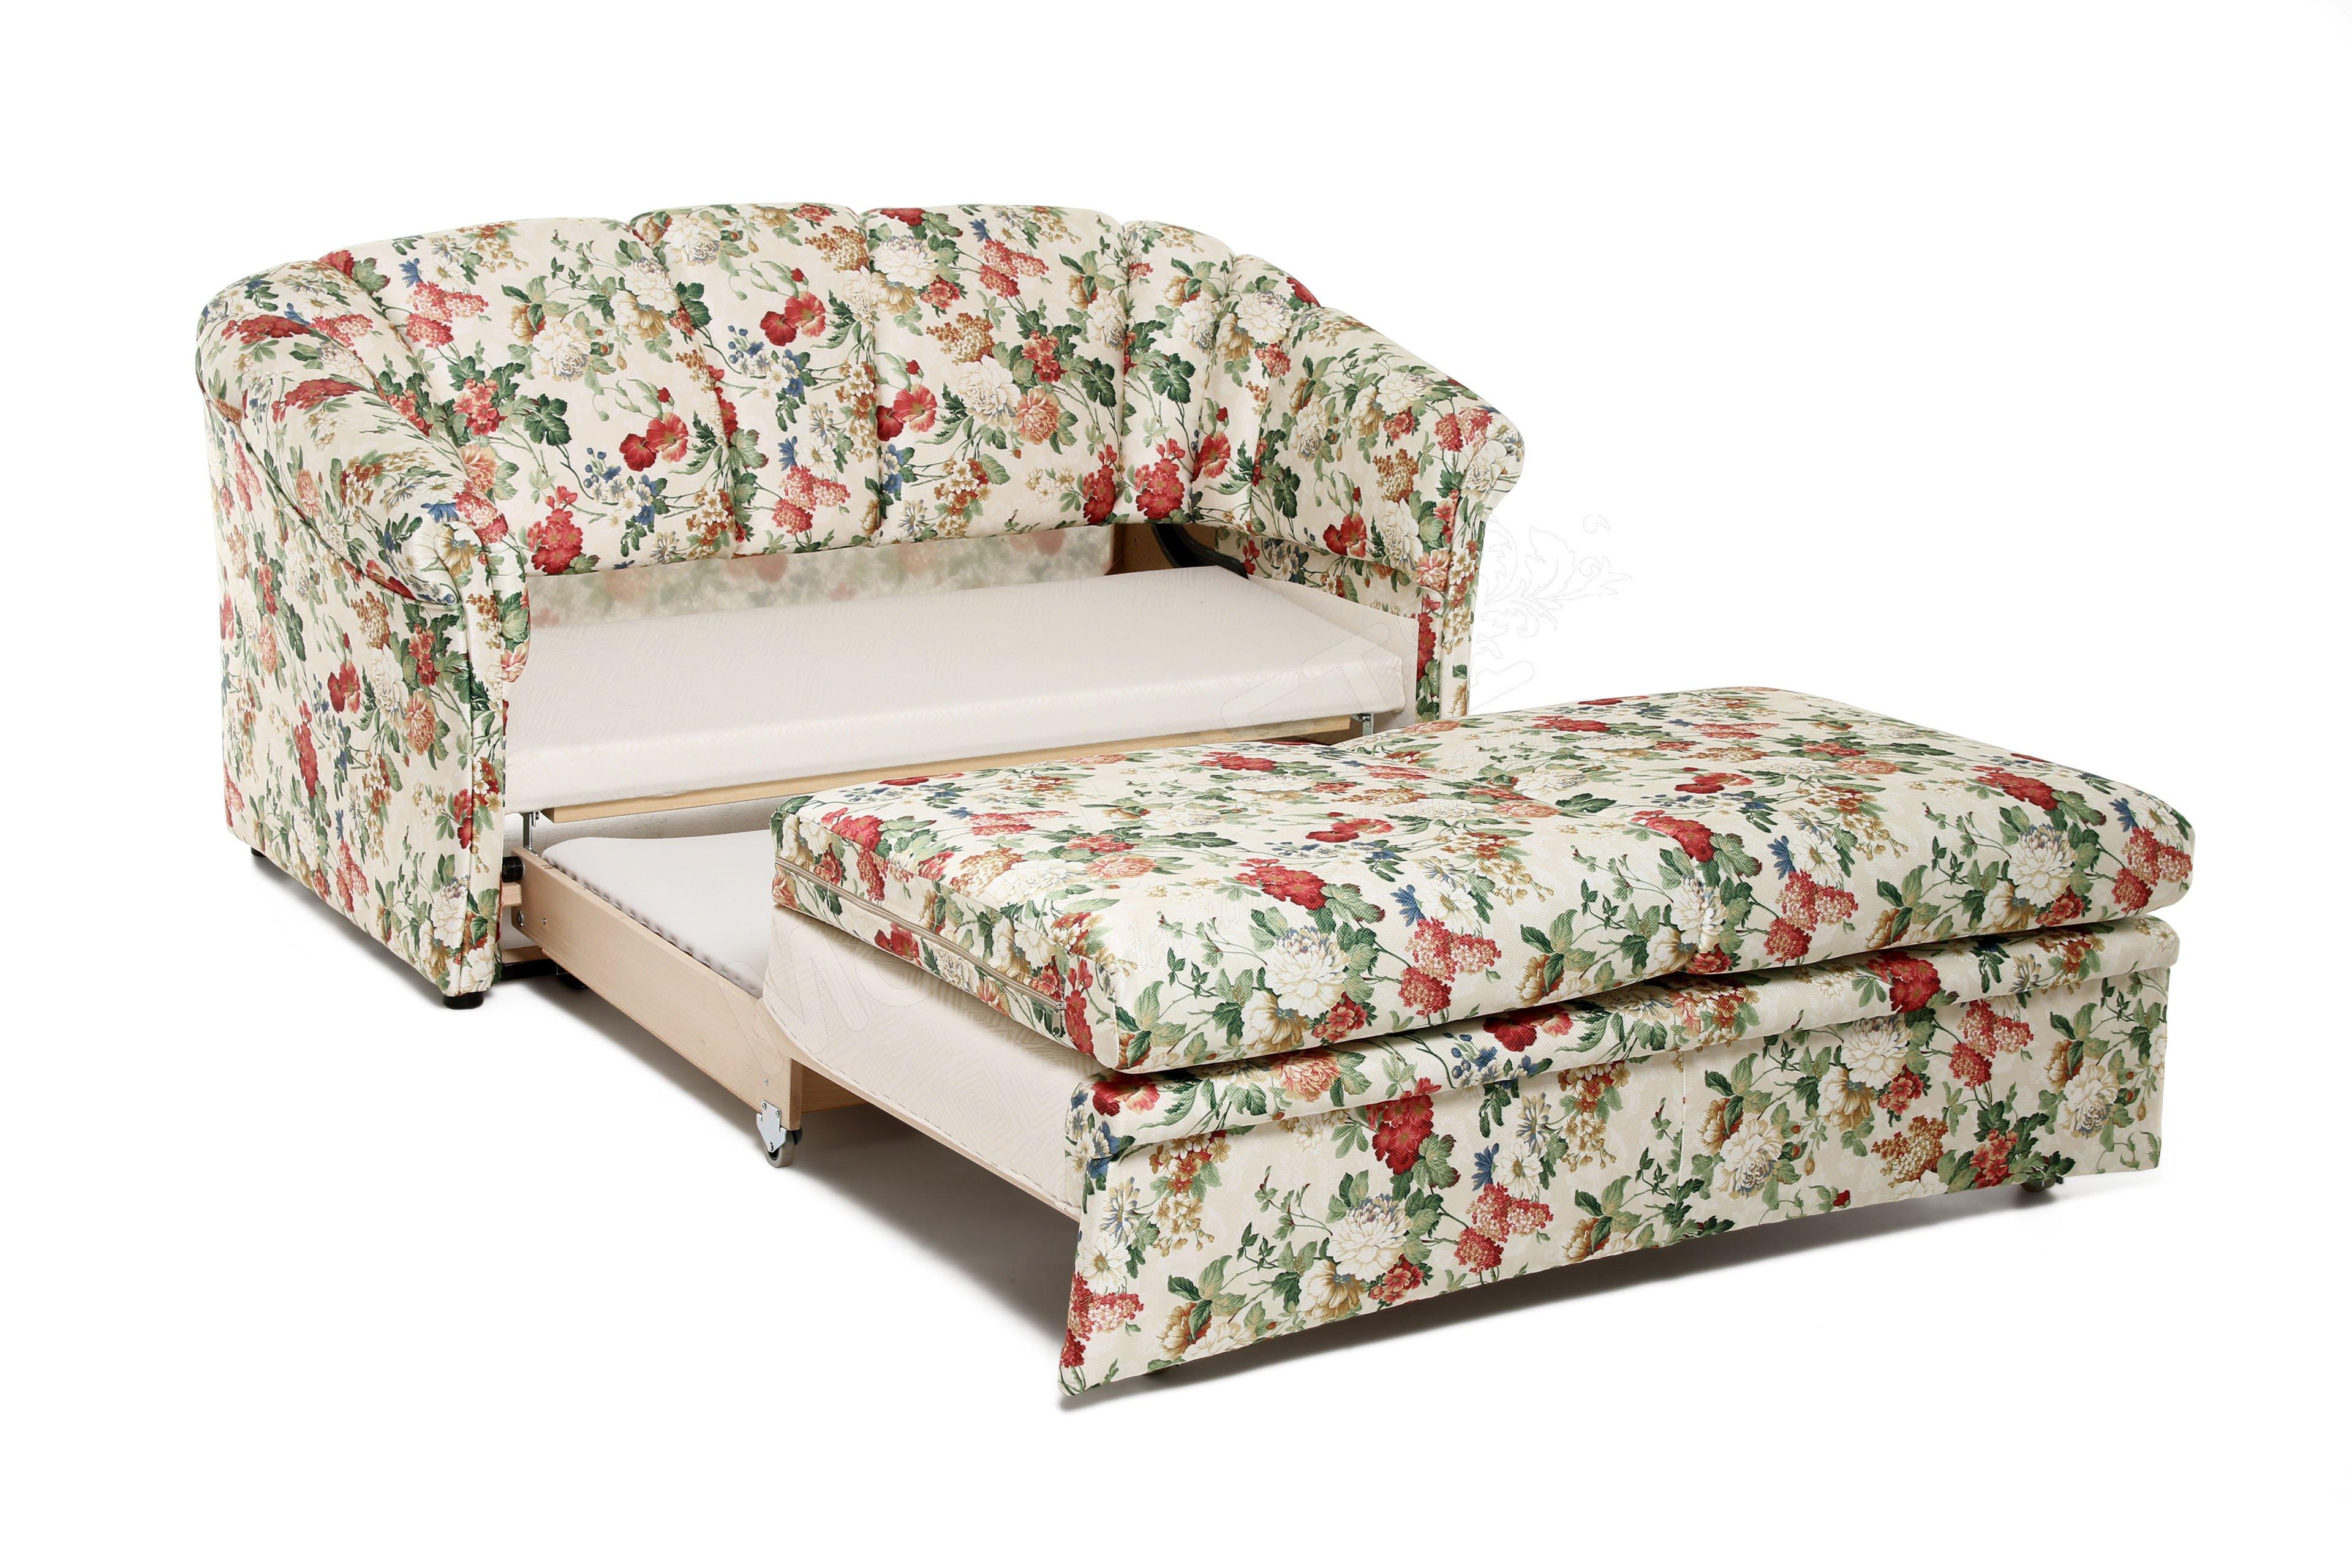 restyl schlafsofa anke mit bezauberndem blumenmuster m bel letz ihr online shop. Black Bedroom Furniture Sets. Home Design Ideas